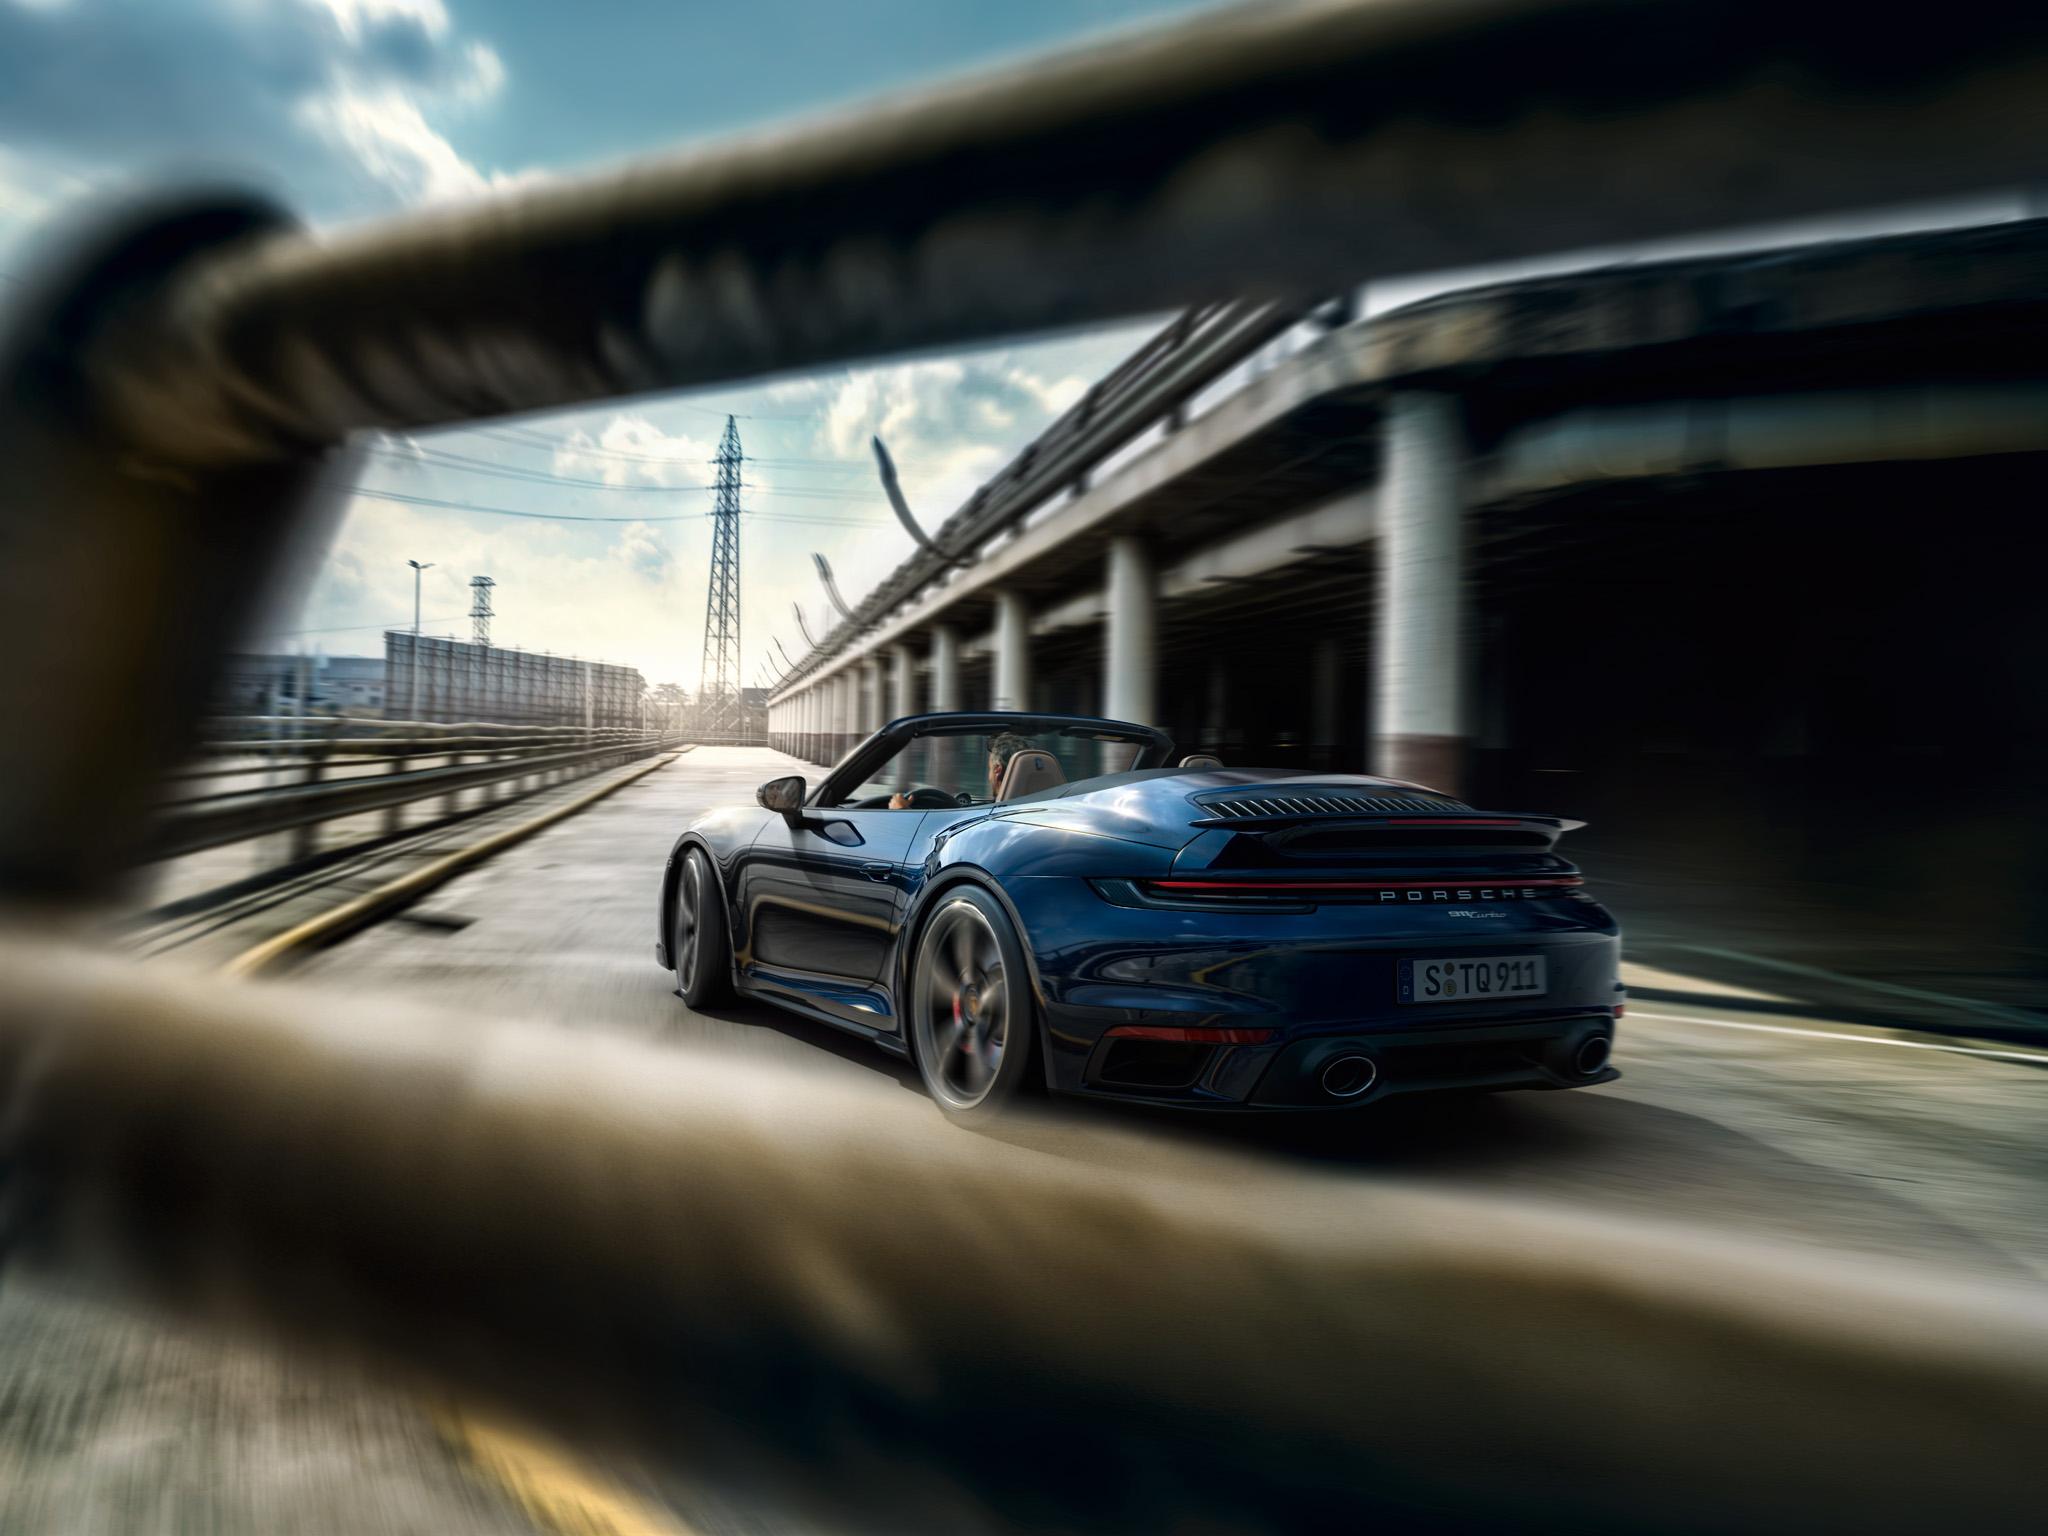 Porsche-Ausfahrt mit der Memberslounge